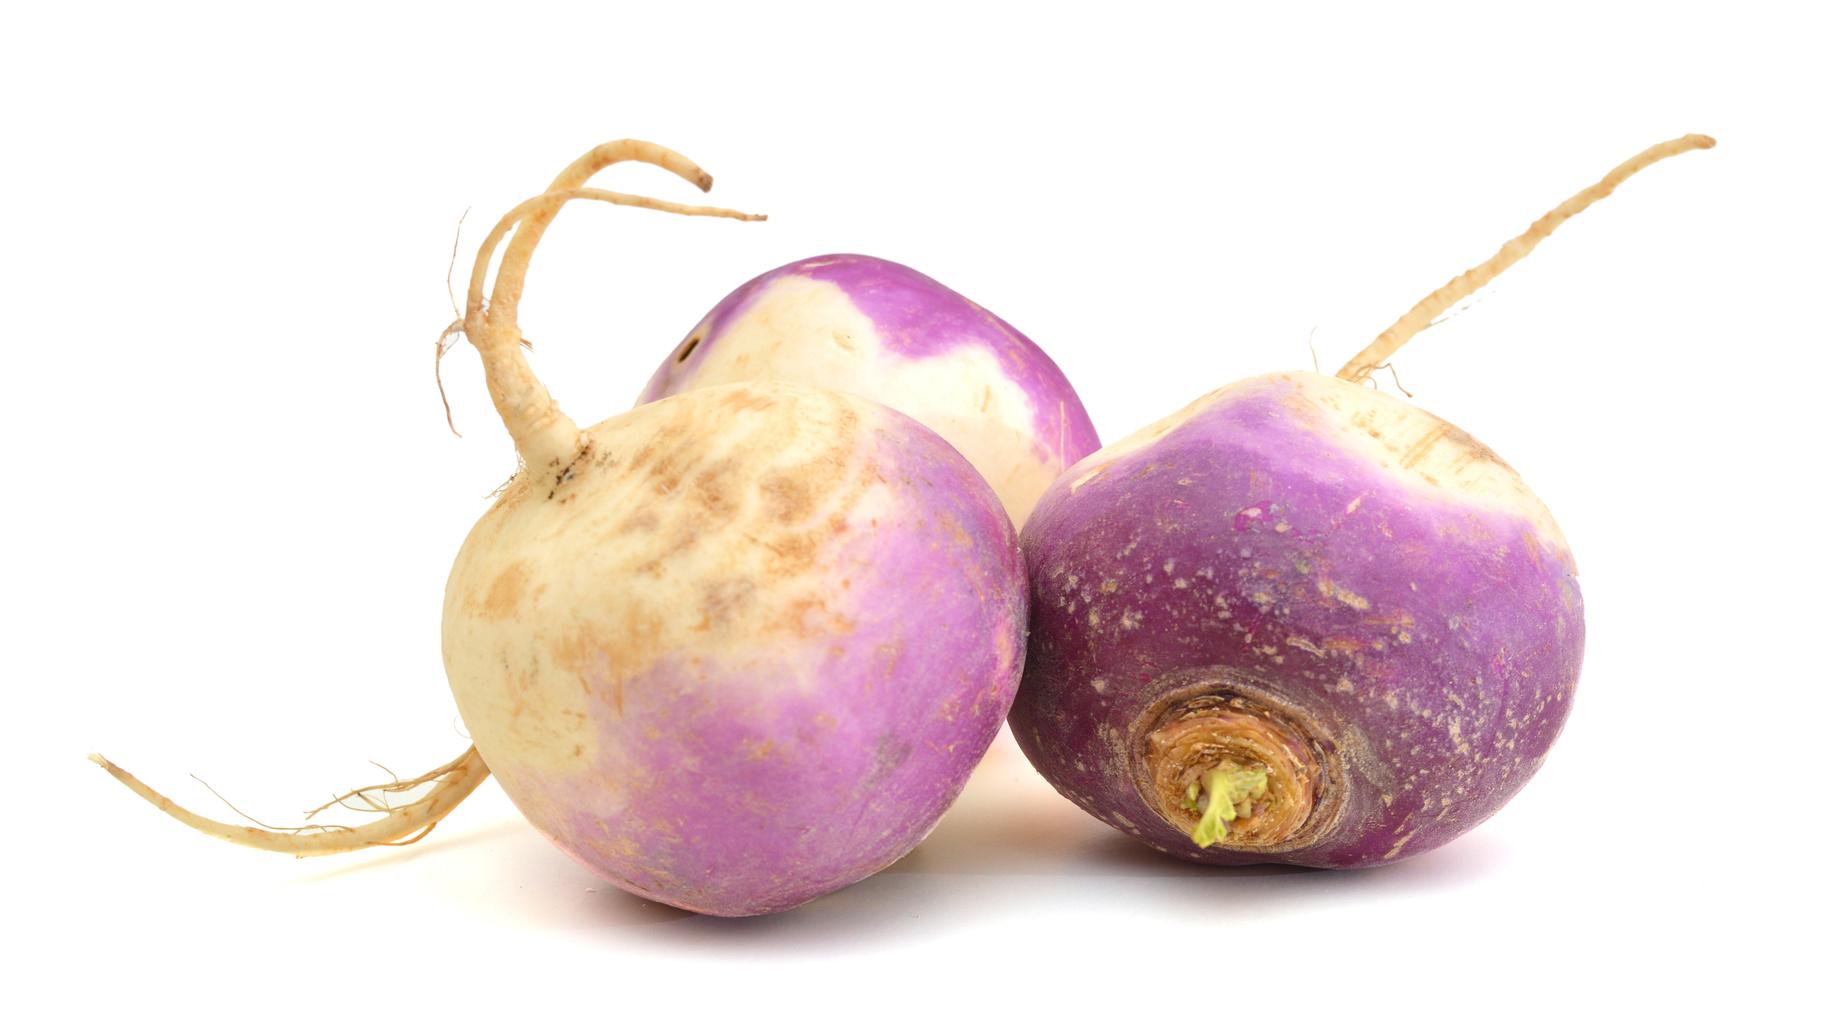 rutabaga frais légume nutrition recette santé